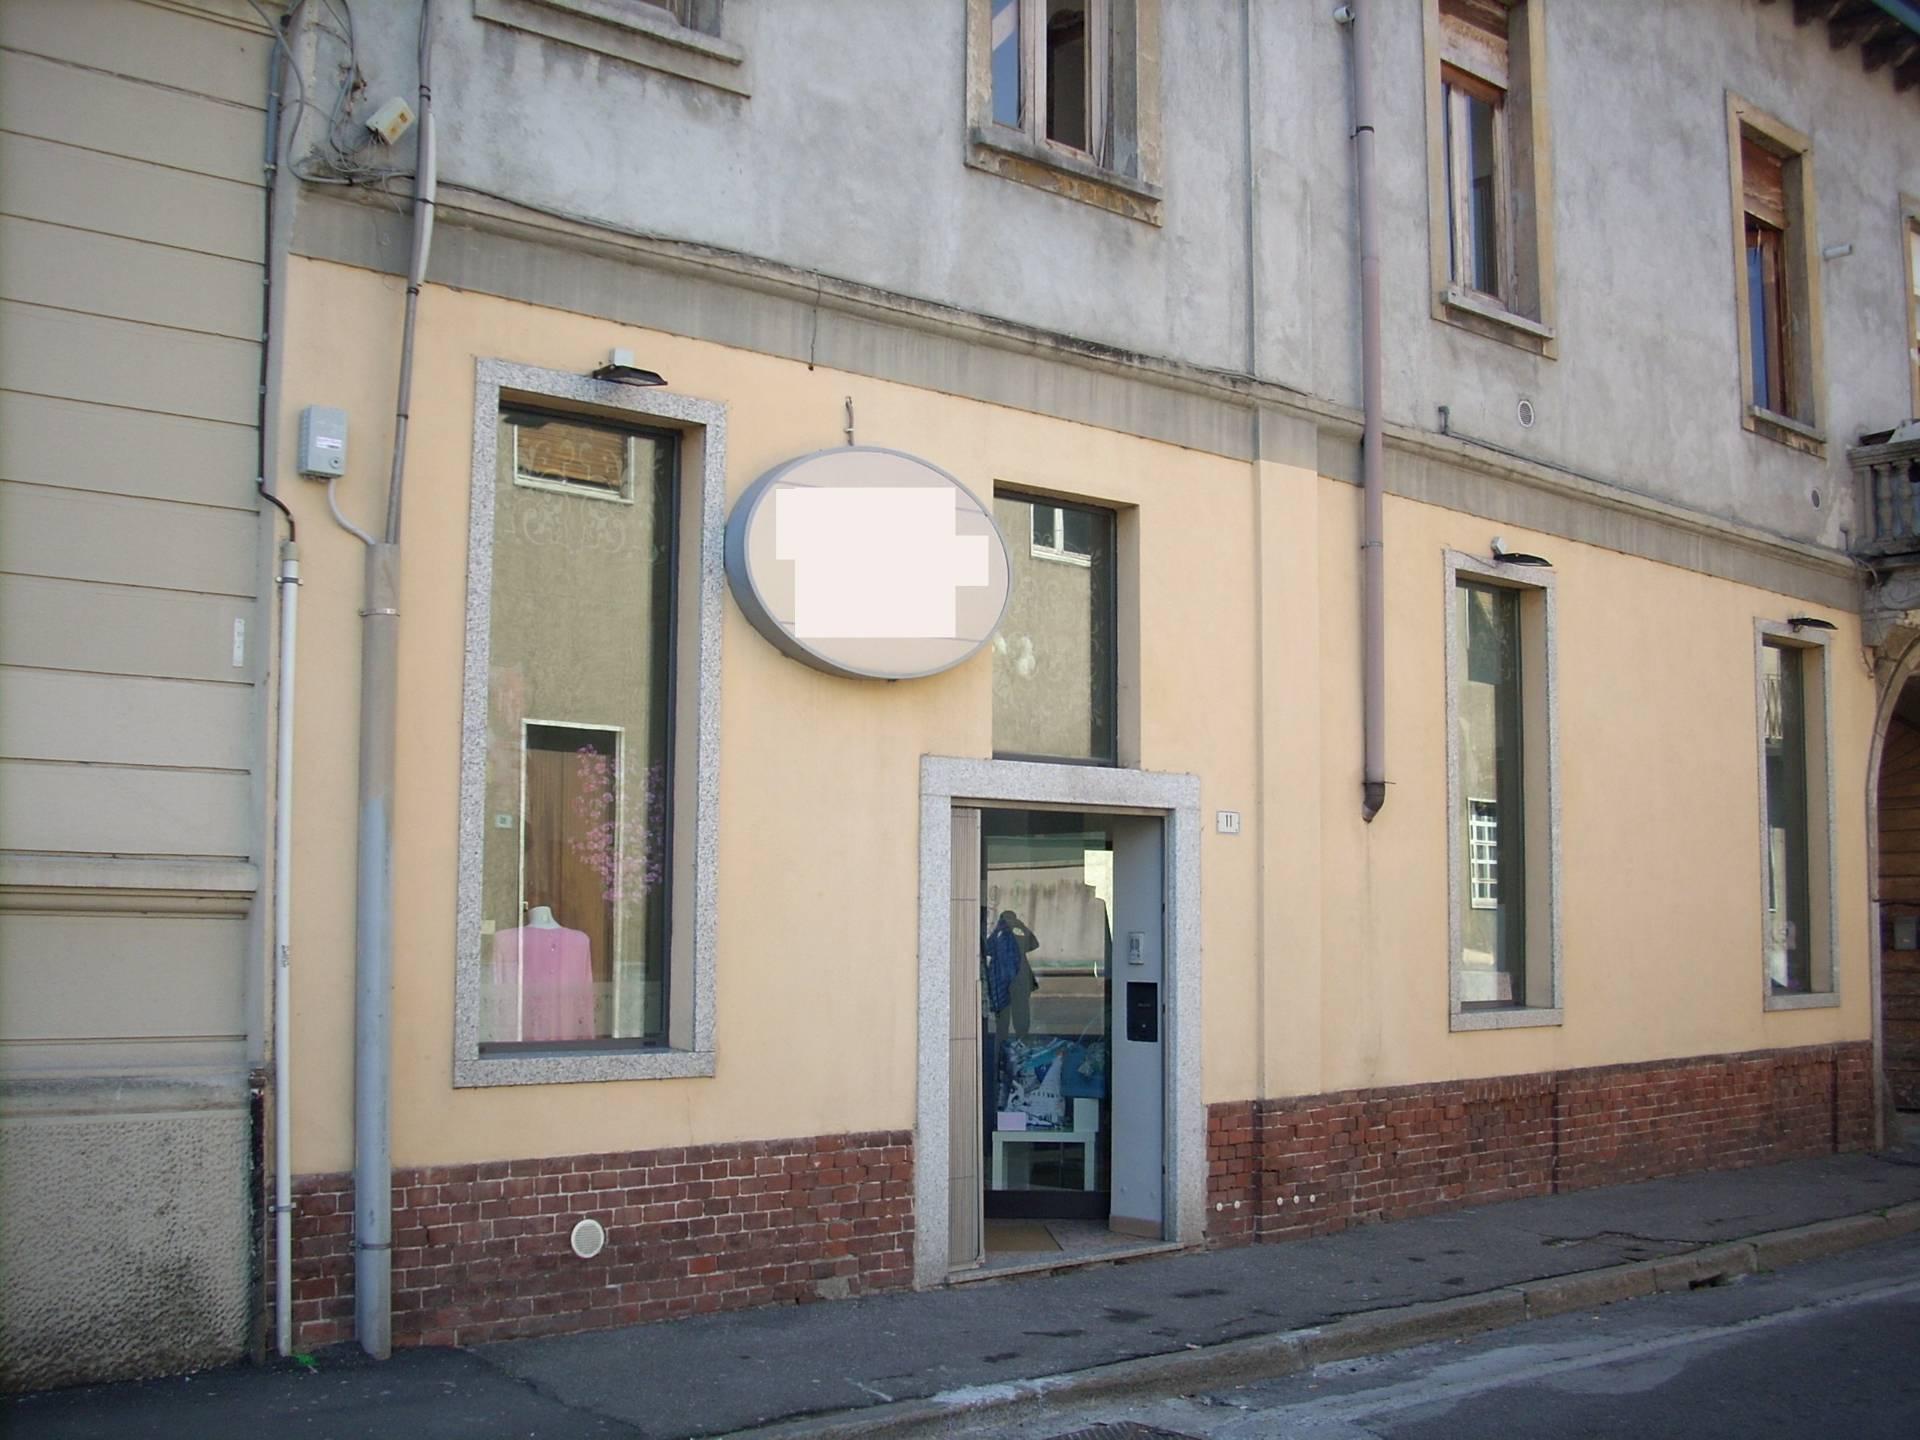 Negozio / Locale in vendita a Busto Arsizio, 9999 locali, prezzo € 120.000 | PortaleAgenzieImmobiliari.it